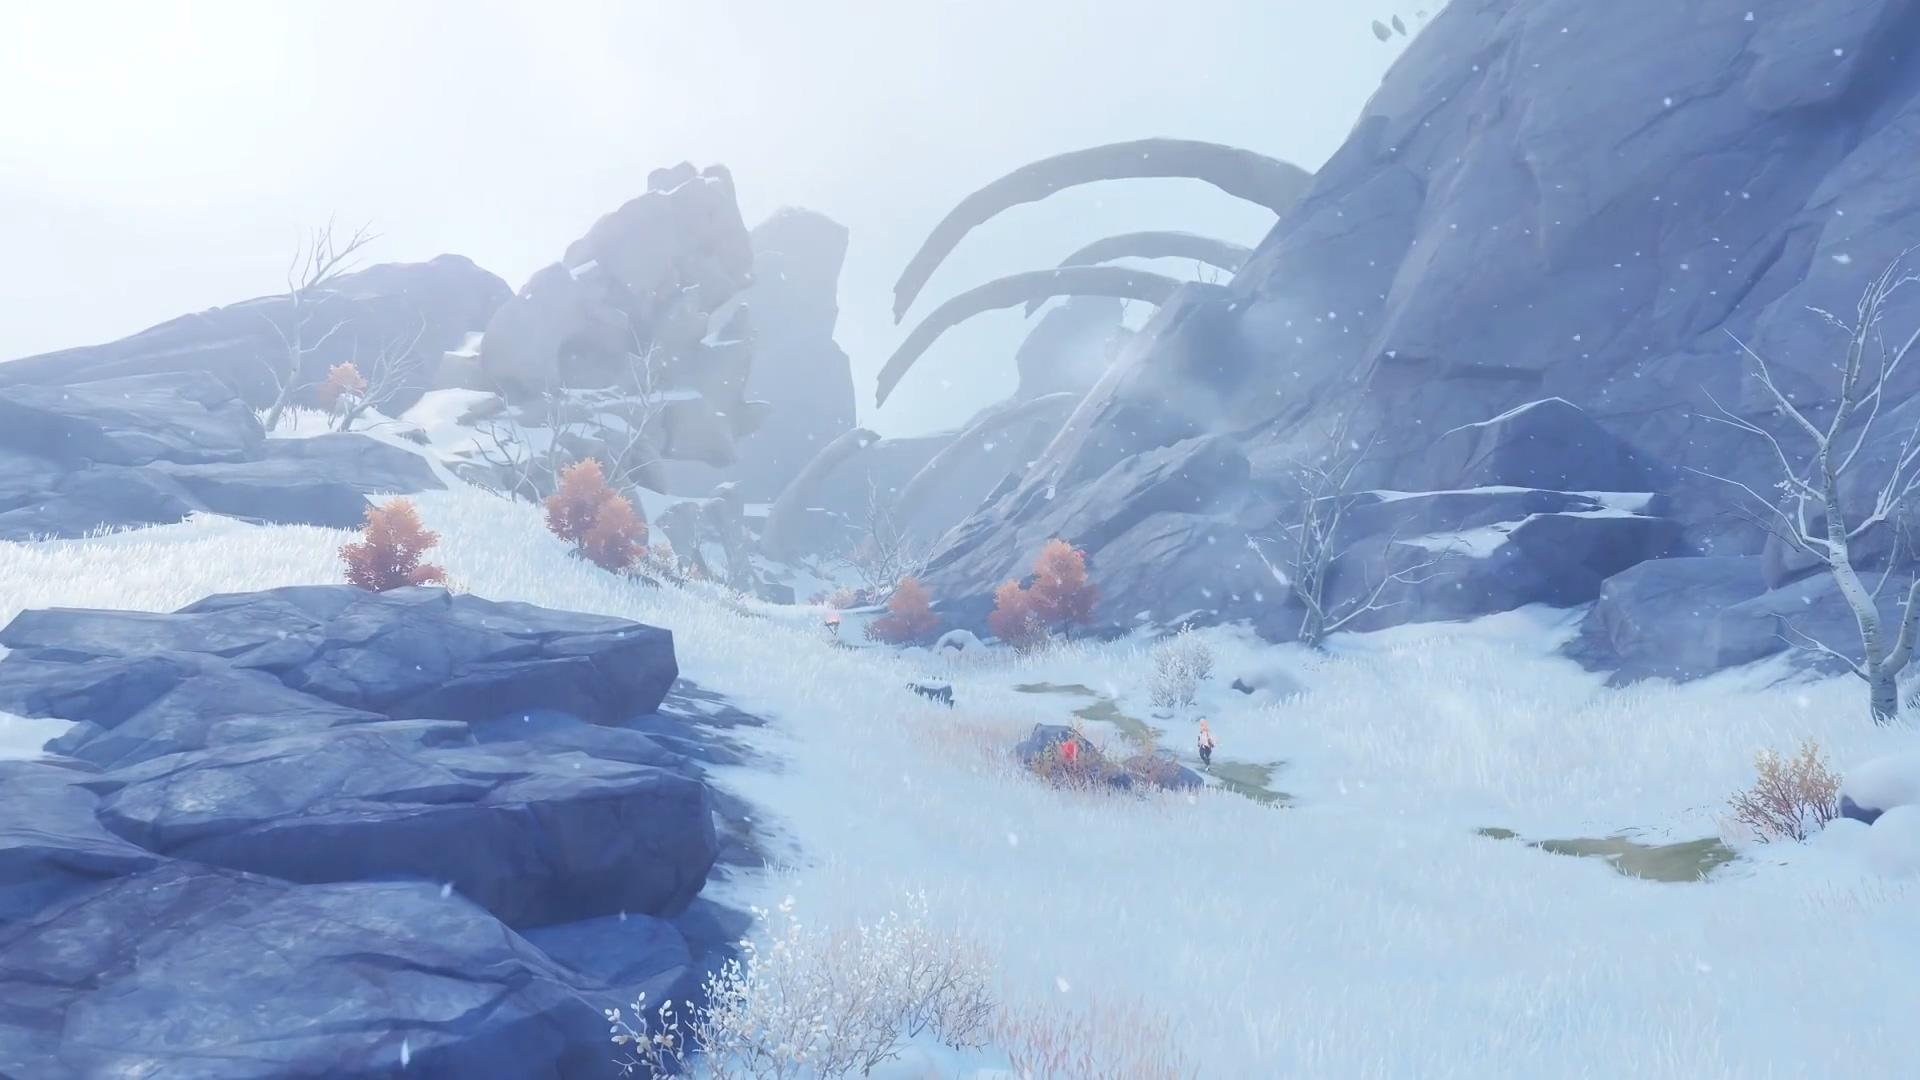 《原神》1.2版本「白垩与黑龙」12月23日上线 全新PV公布